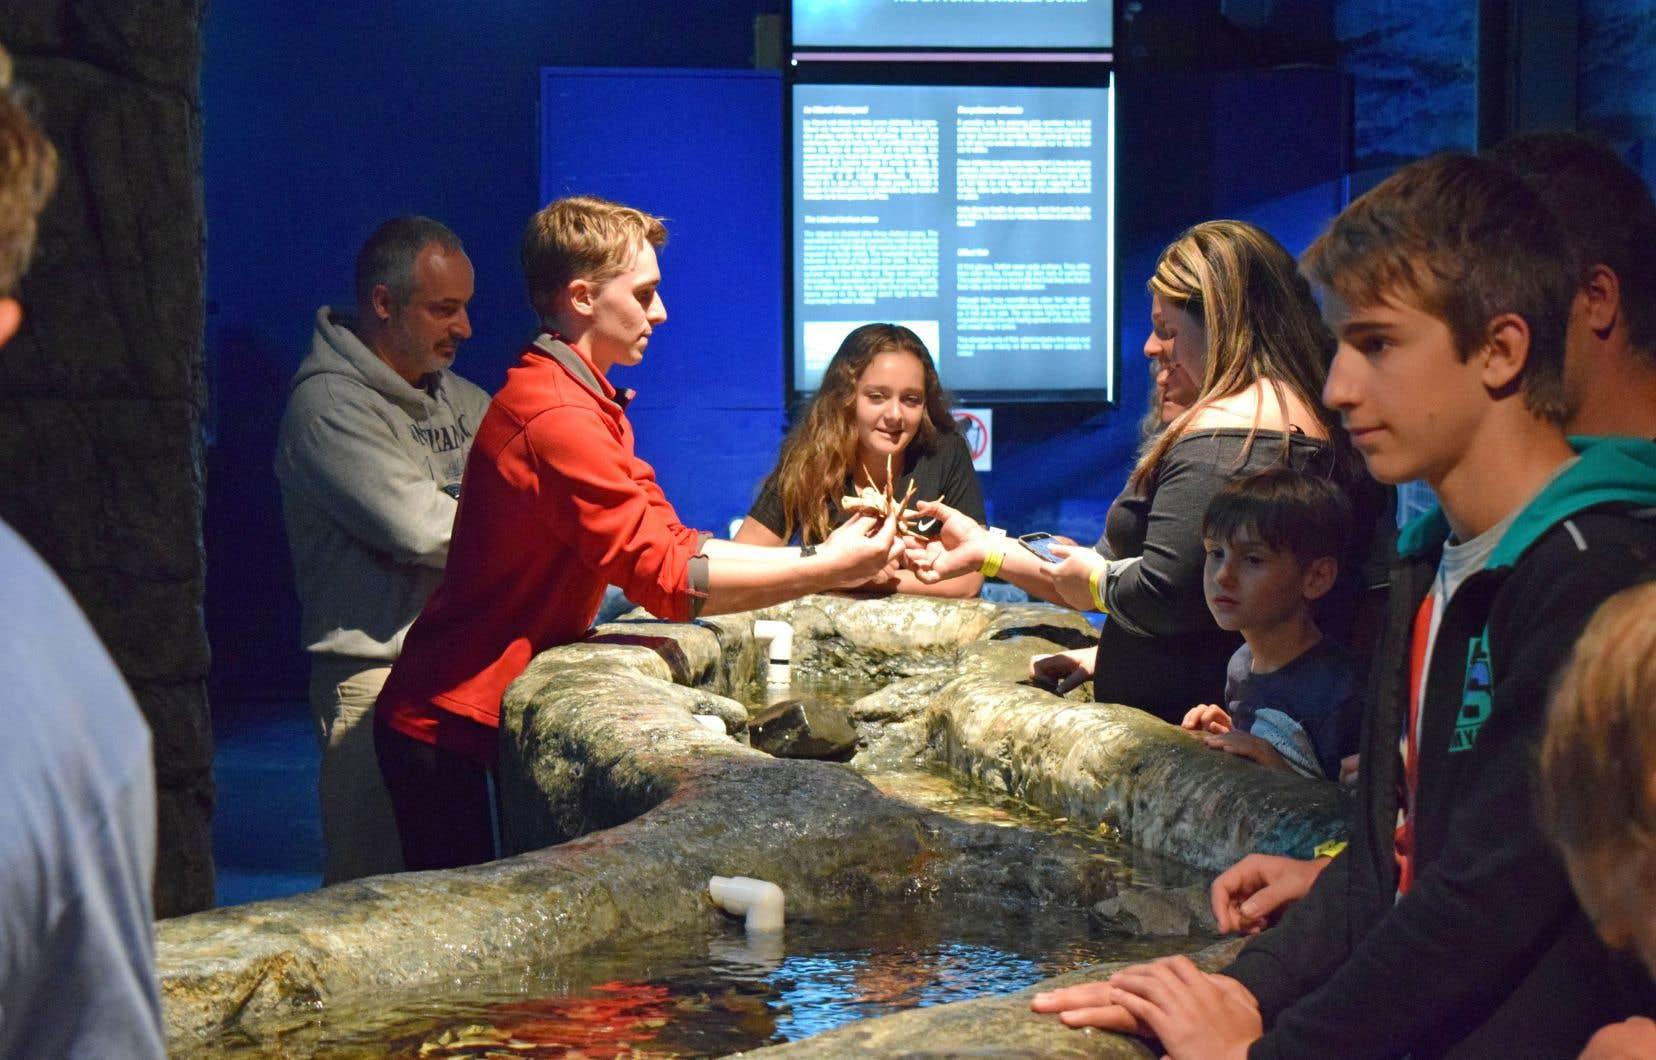 Exploramer propose aux visiteurs de découvrir des aspects méconnus de la faune marine du Saint-Laurent.